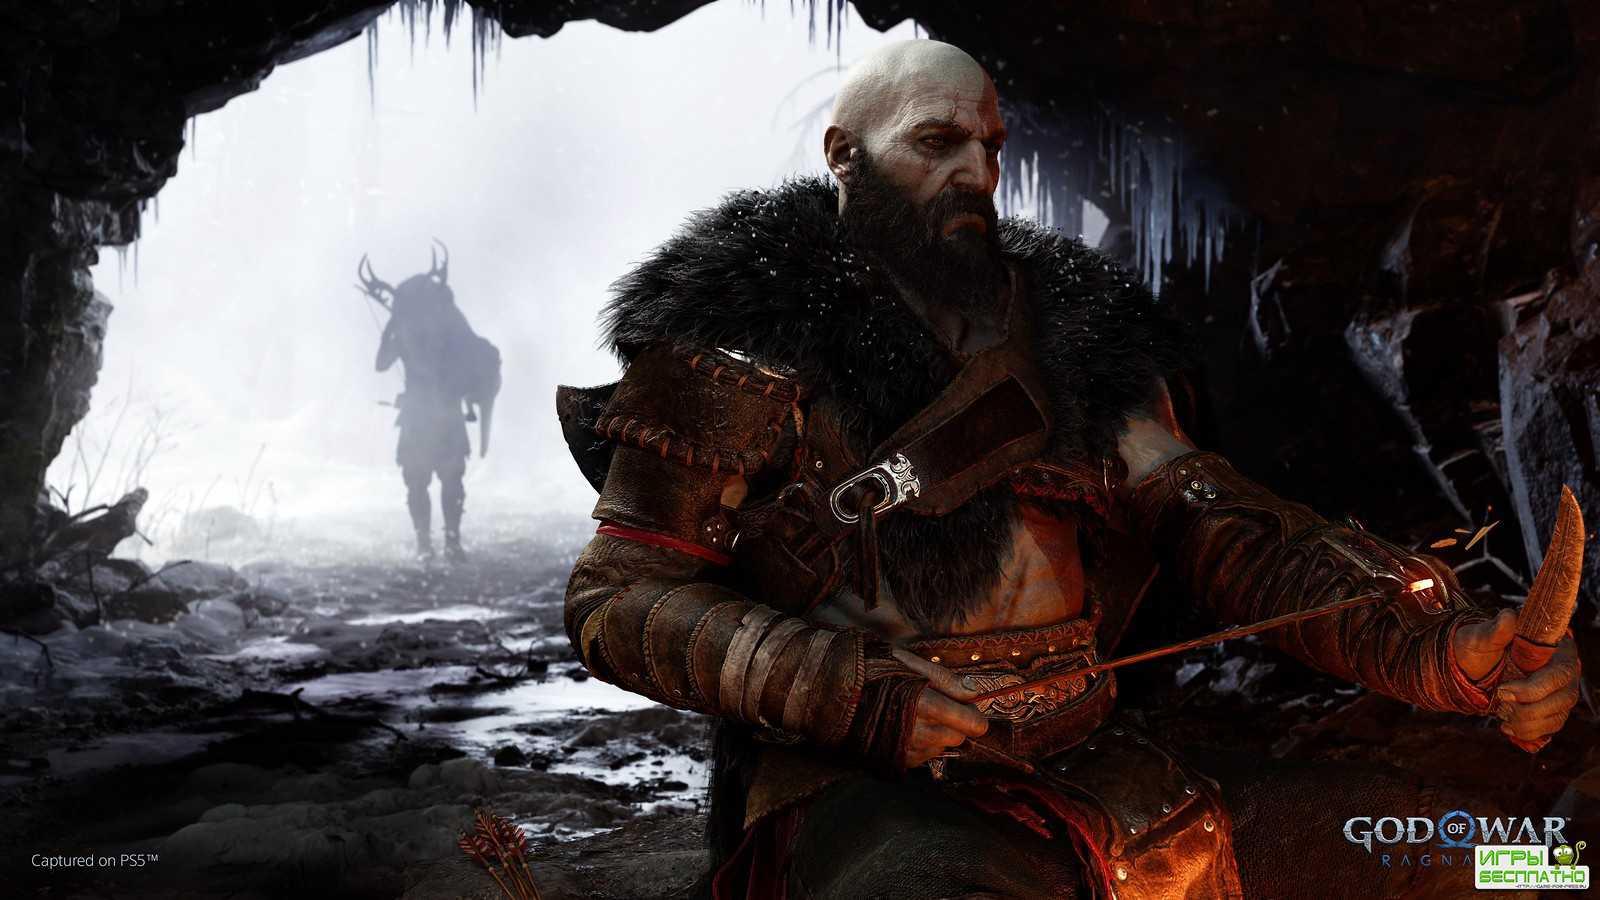 Обучающиеся враги и вертикальный геймплей — детали God of War Ragnarok